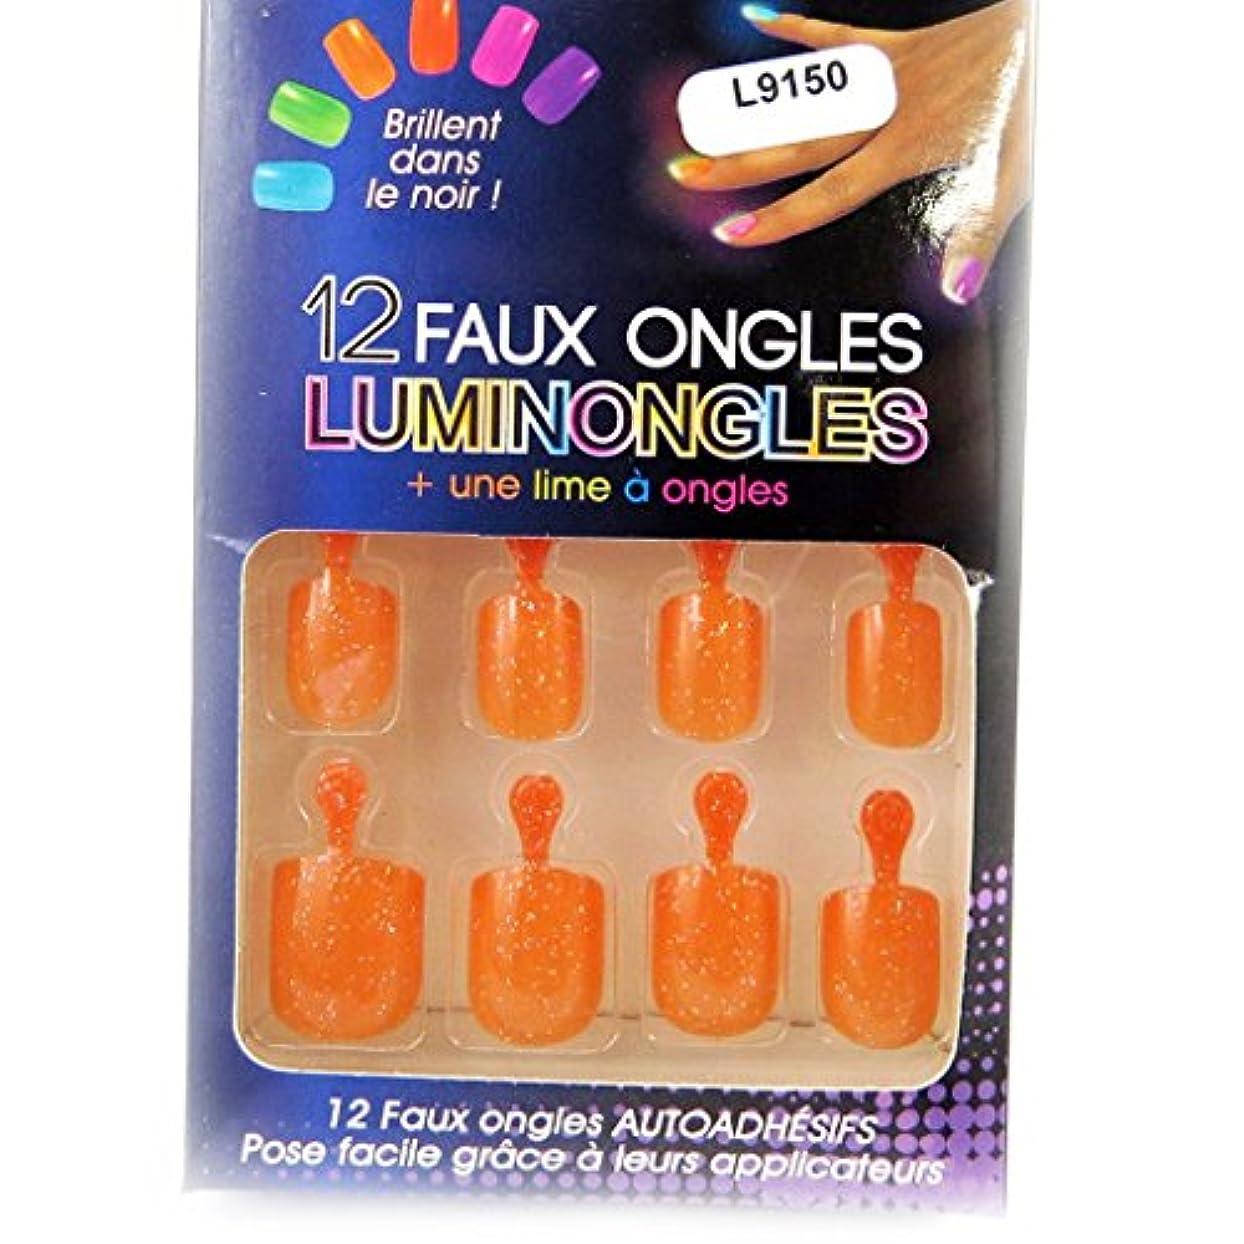 アリス想定ダブル[リリーの宝 (Les Tresors De Lily)] (Luminongles コレクション) [L9150] アクリルスカルプチュア オレンジ